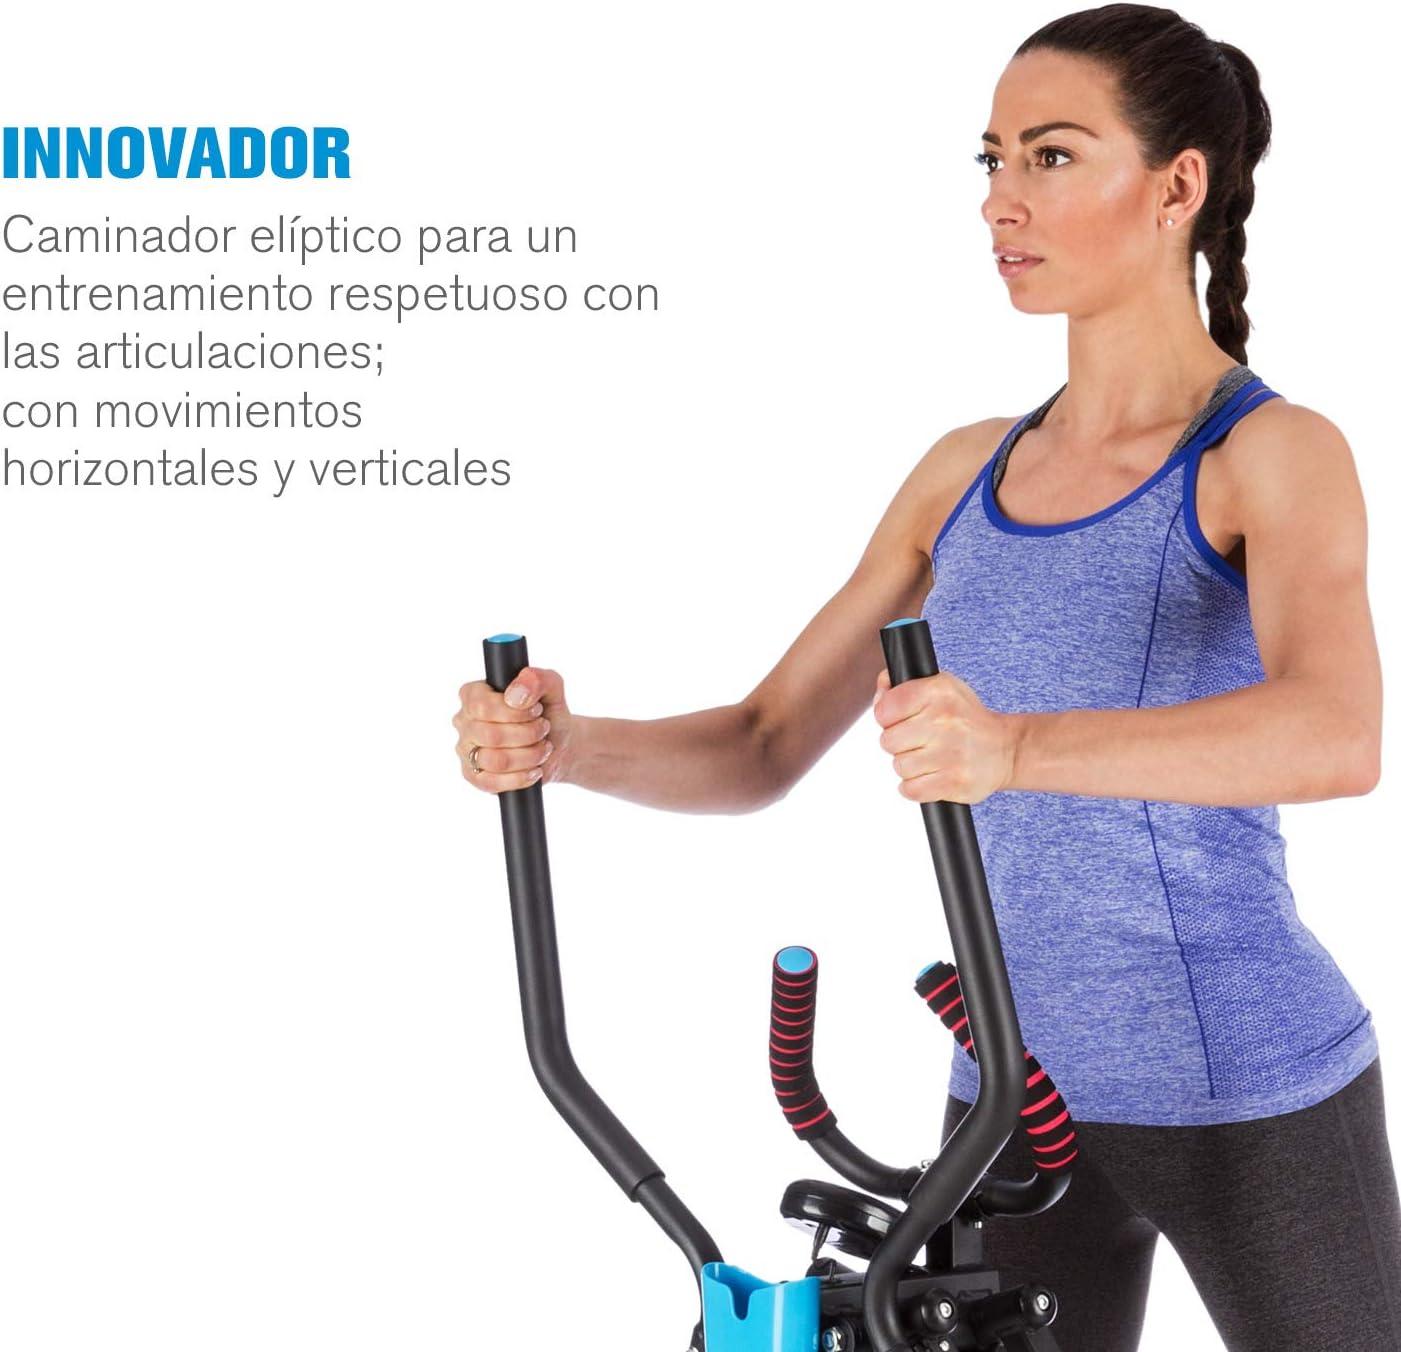 Capital Sports Air-Walker - Bicicleta elíptica, Caminador, Completo, Movimiento Horizontal y Vertical, Ordenador, Pantalla LCD, Soporte de Tablet, Plegable, hasta 100 kg, Negro: Amazon.es: Deportes y aire libre